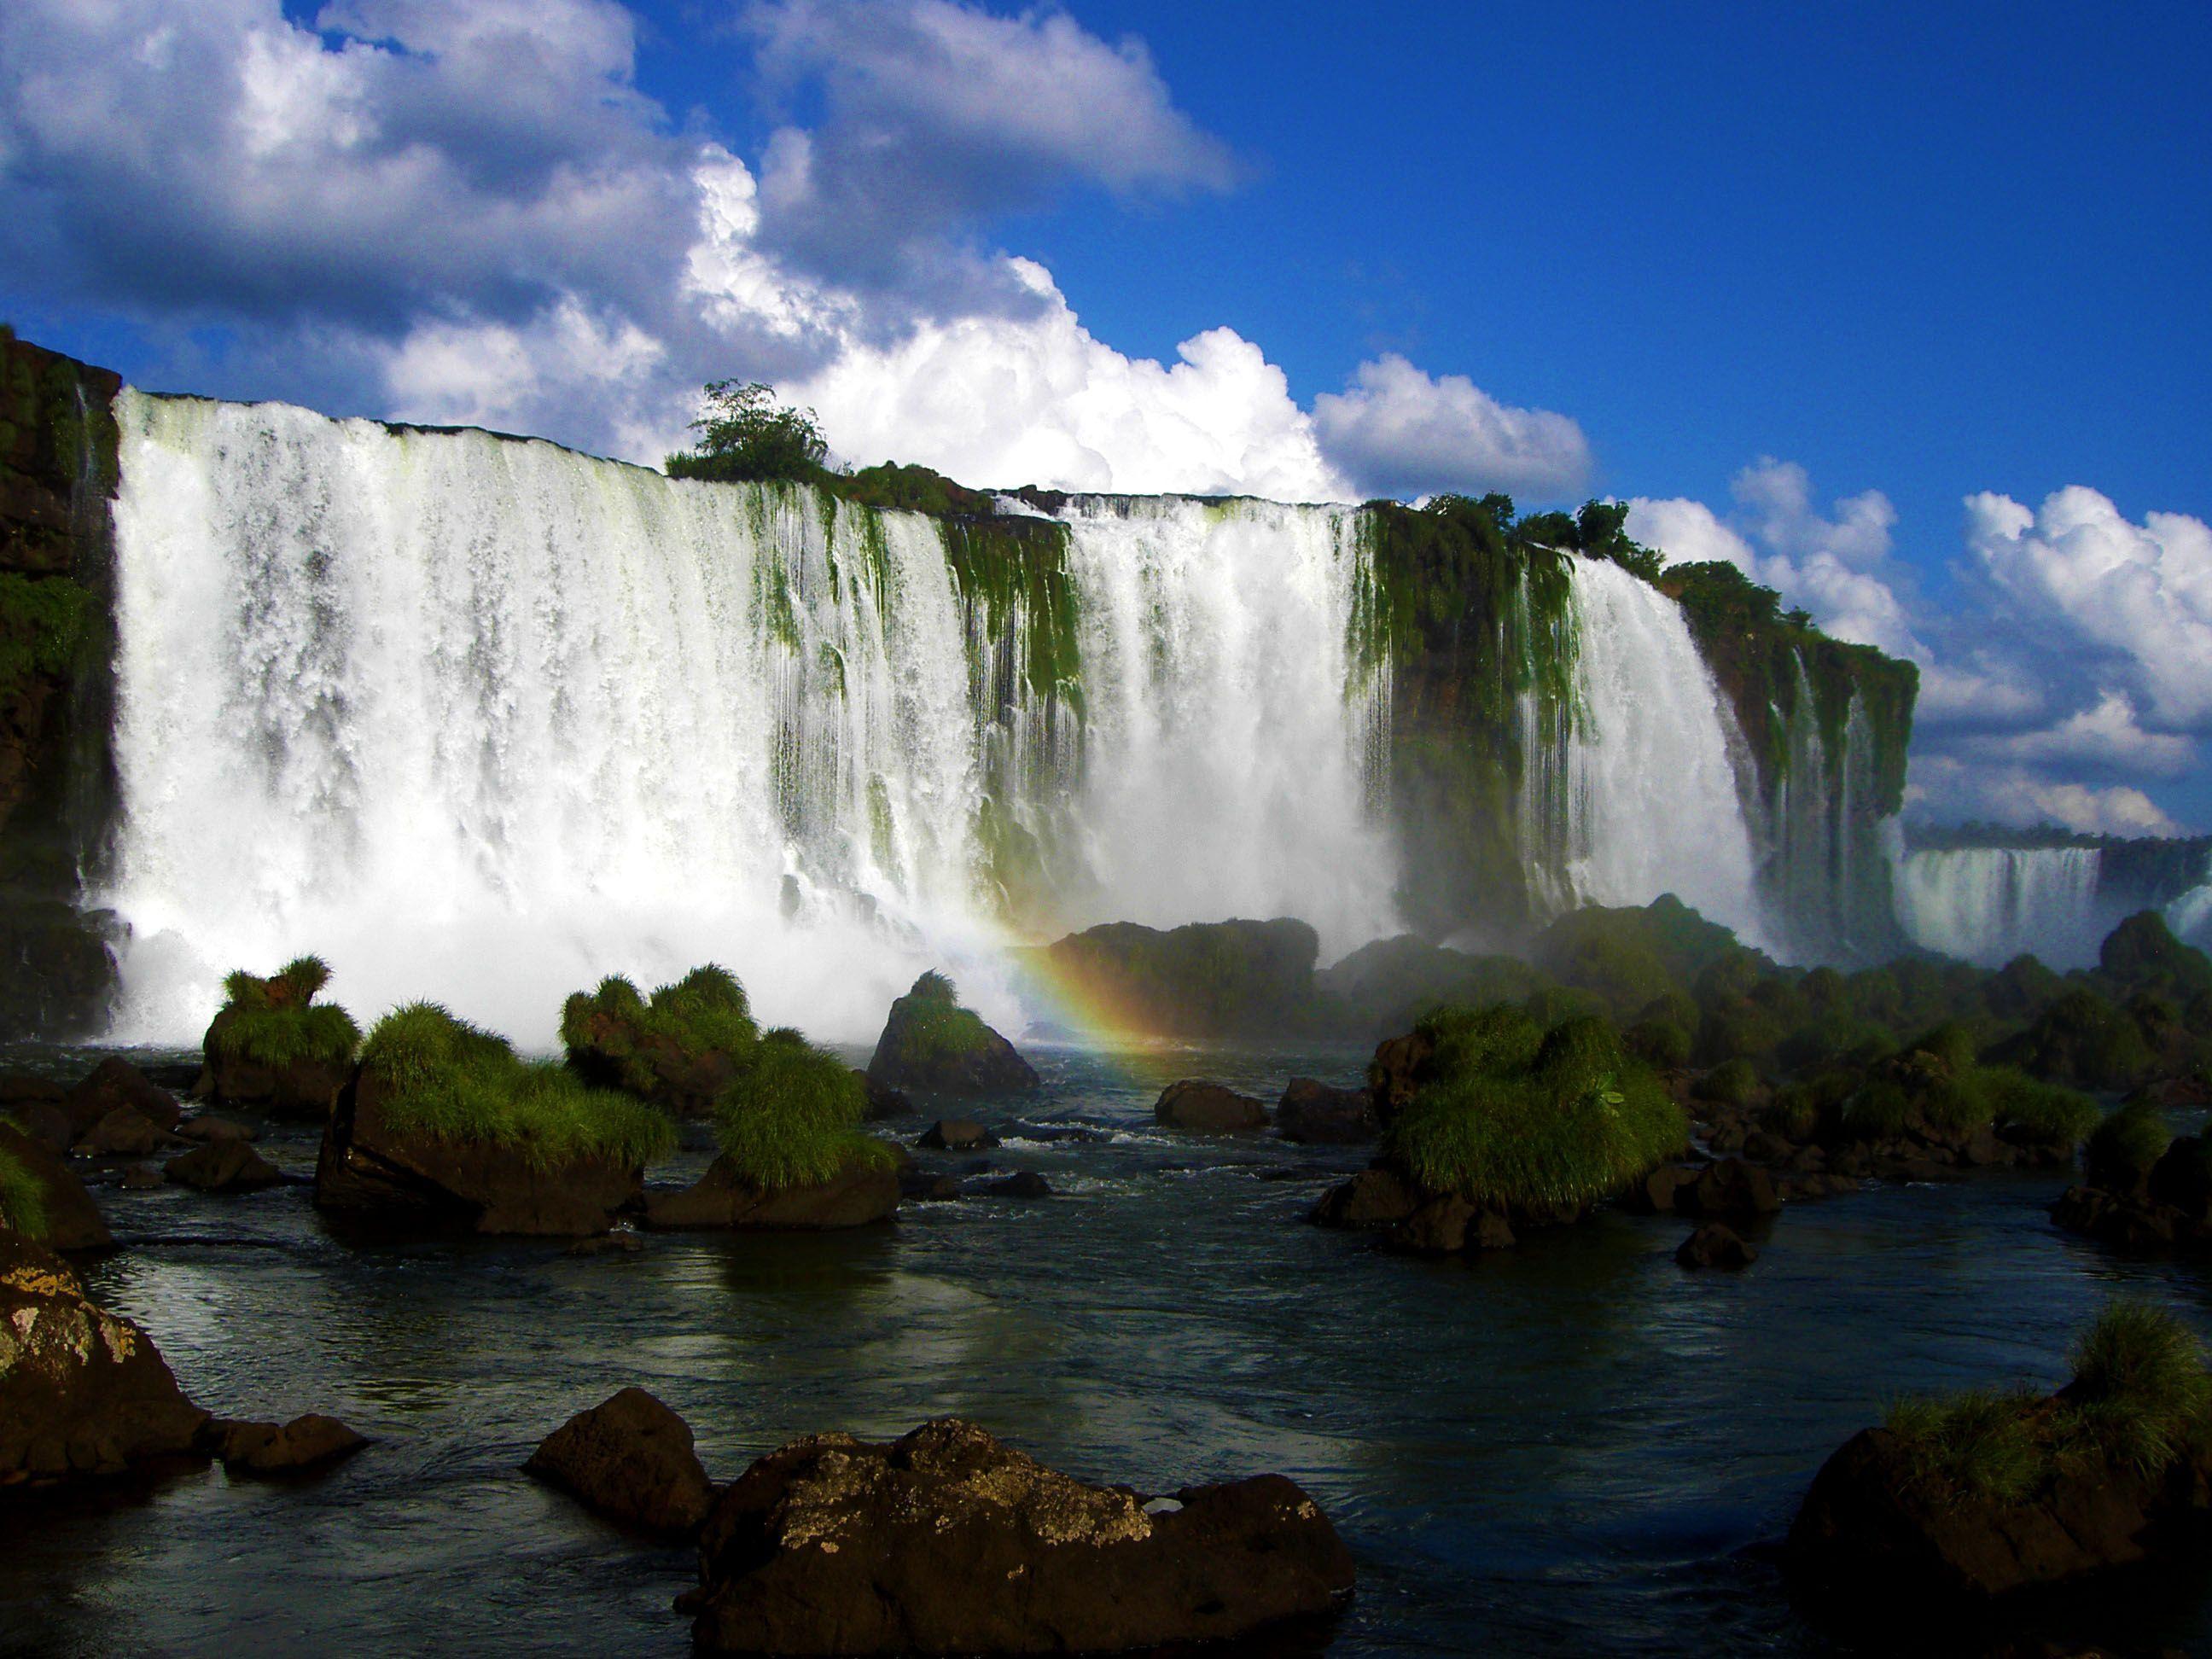 Niagara Falls 4k Wallpaper Iguazu Falls Wallpapers Wallpaper Cave